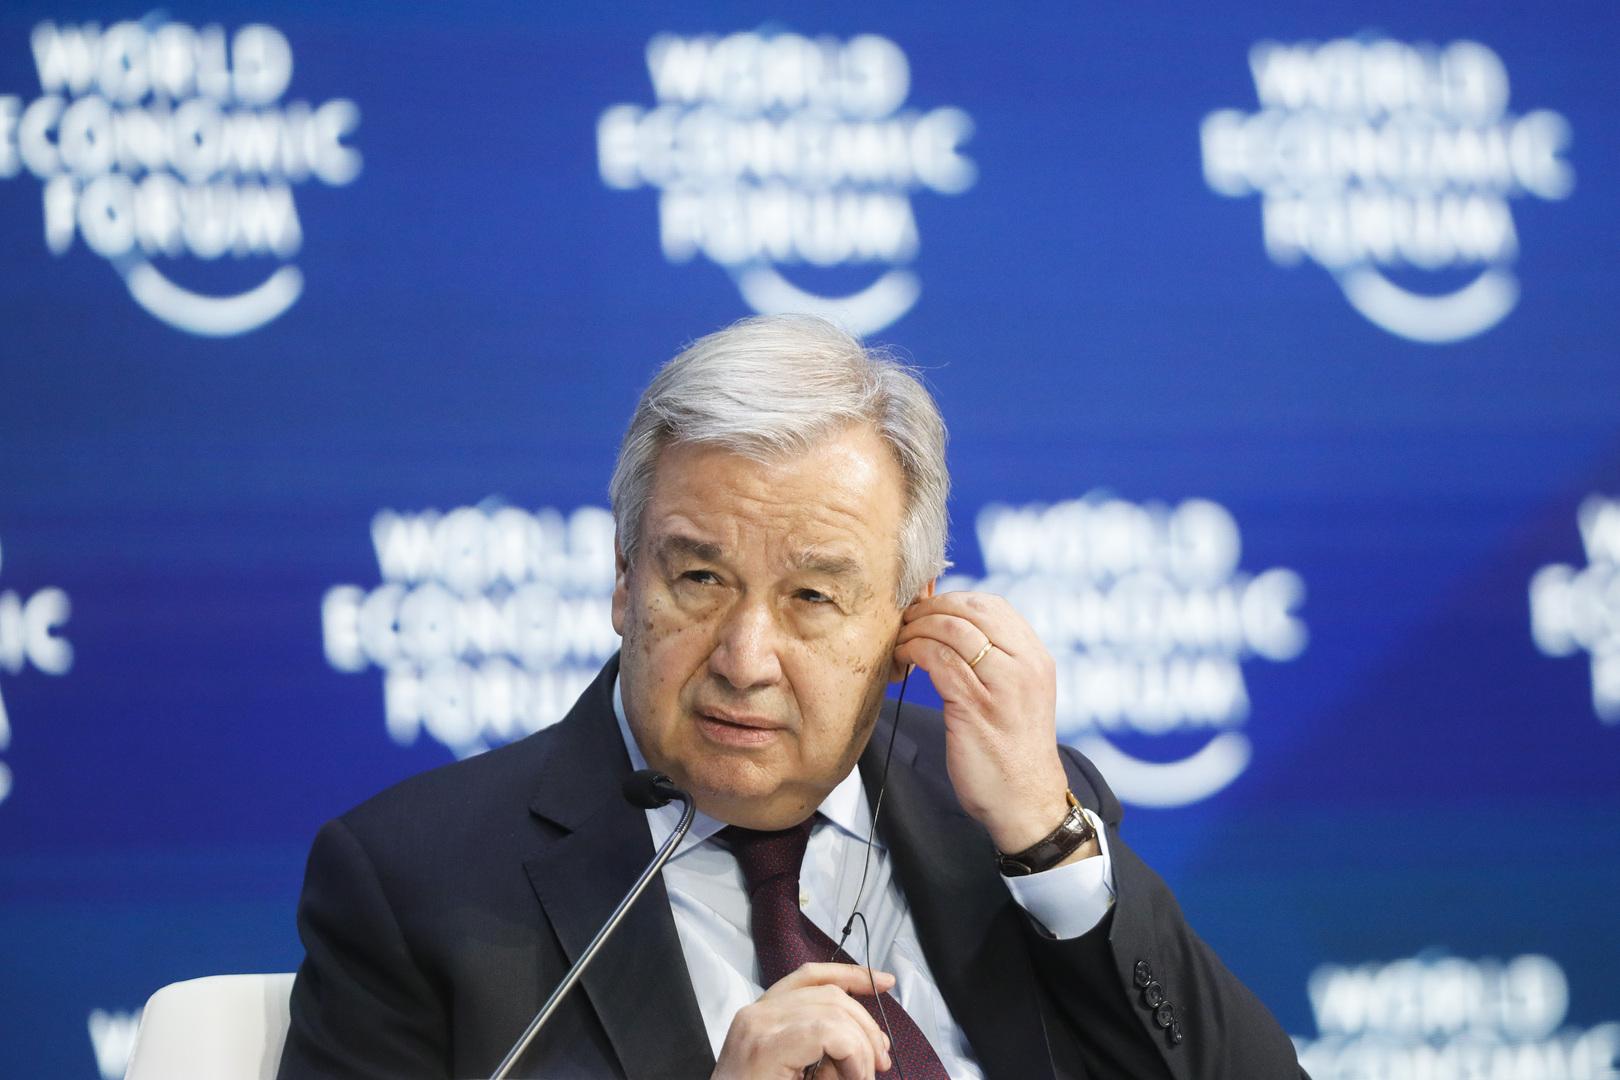 الأمم المتحدة: العالم يتجه نحو ارتفاع كارثي في درجات الحرارة